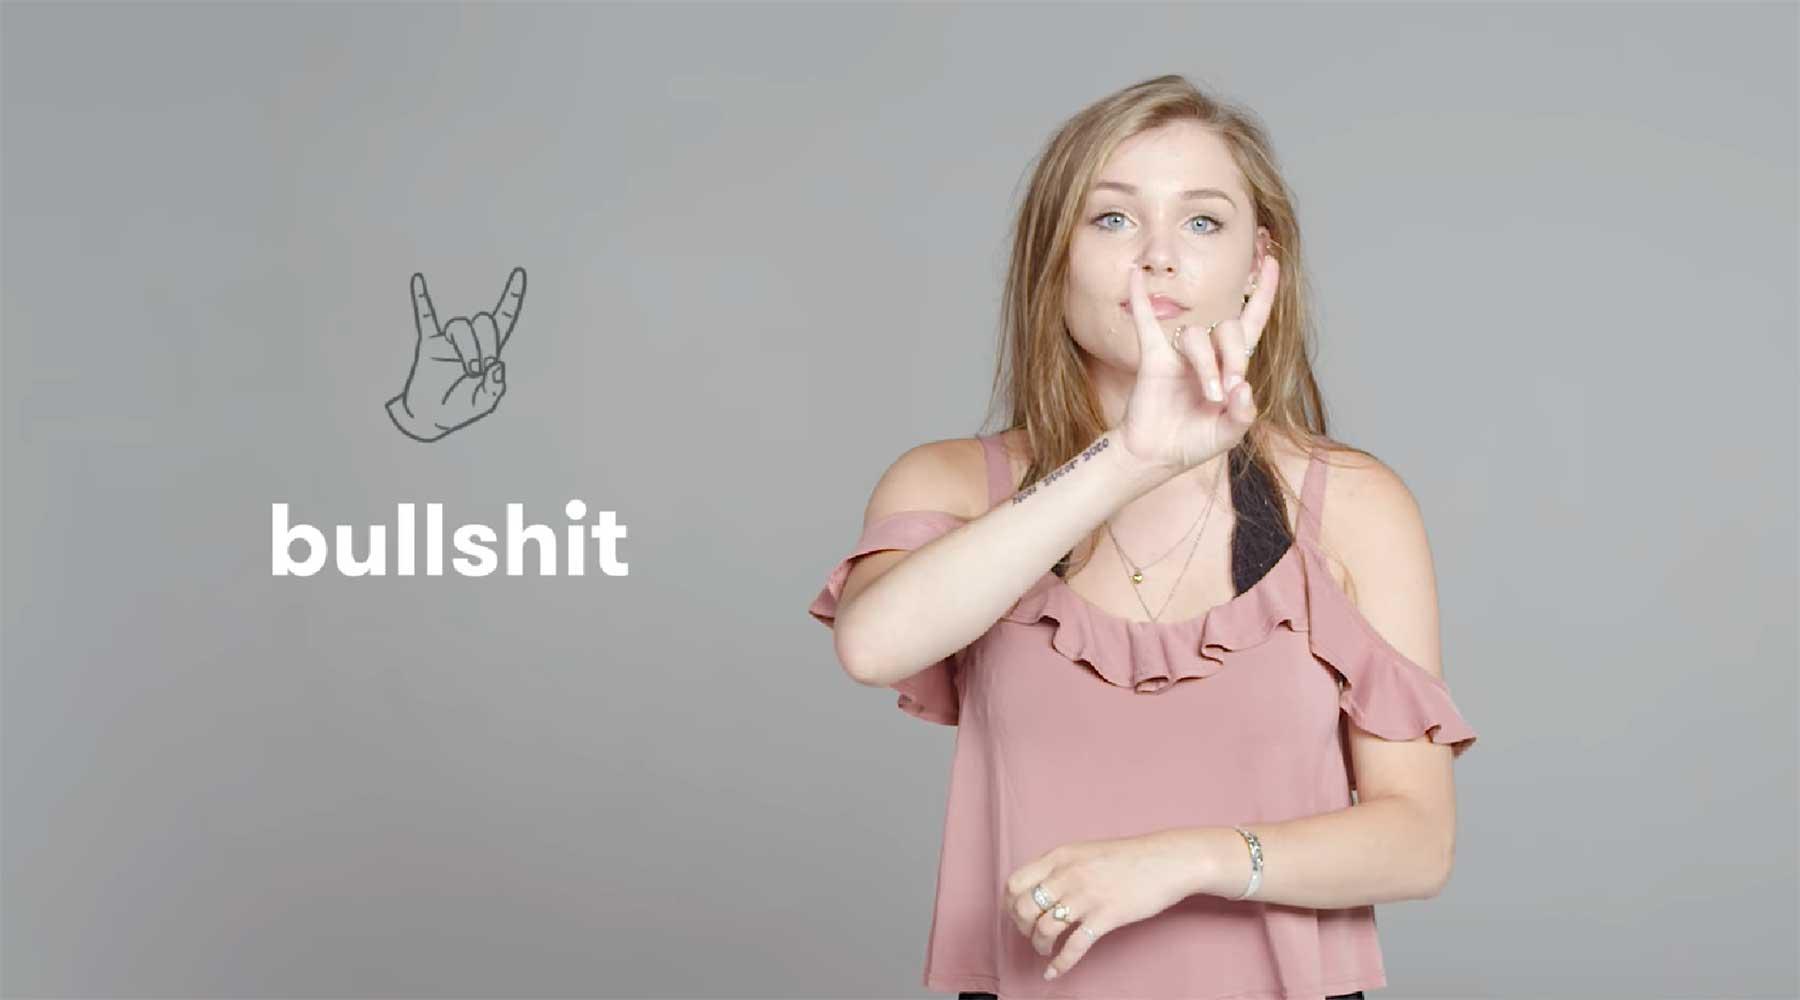 Schimpfwörter in Zeichensprache